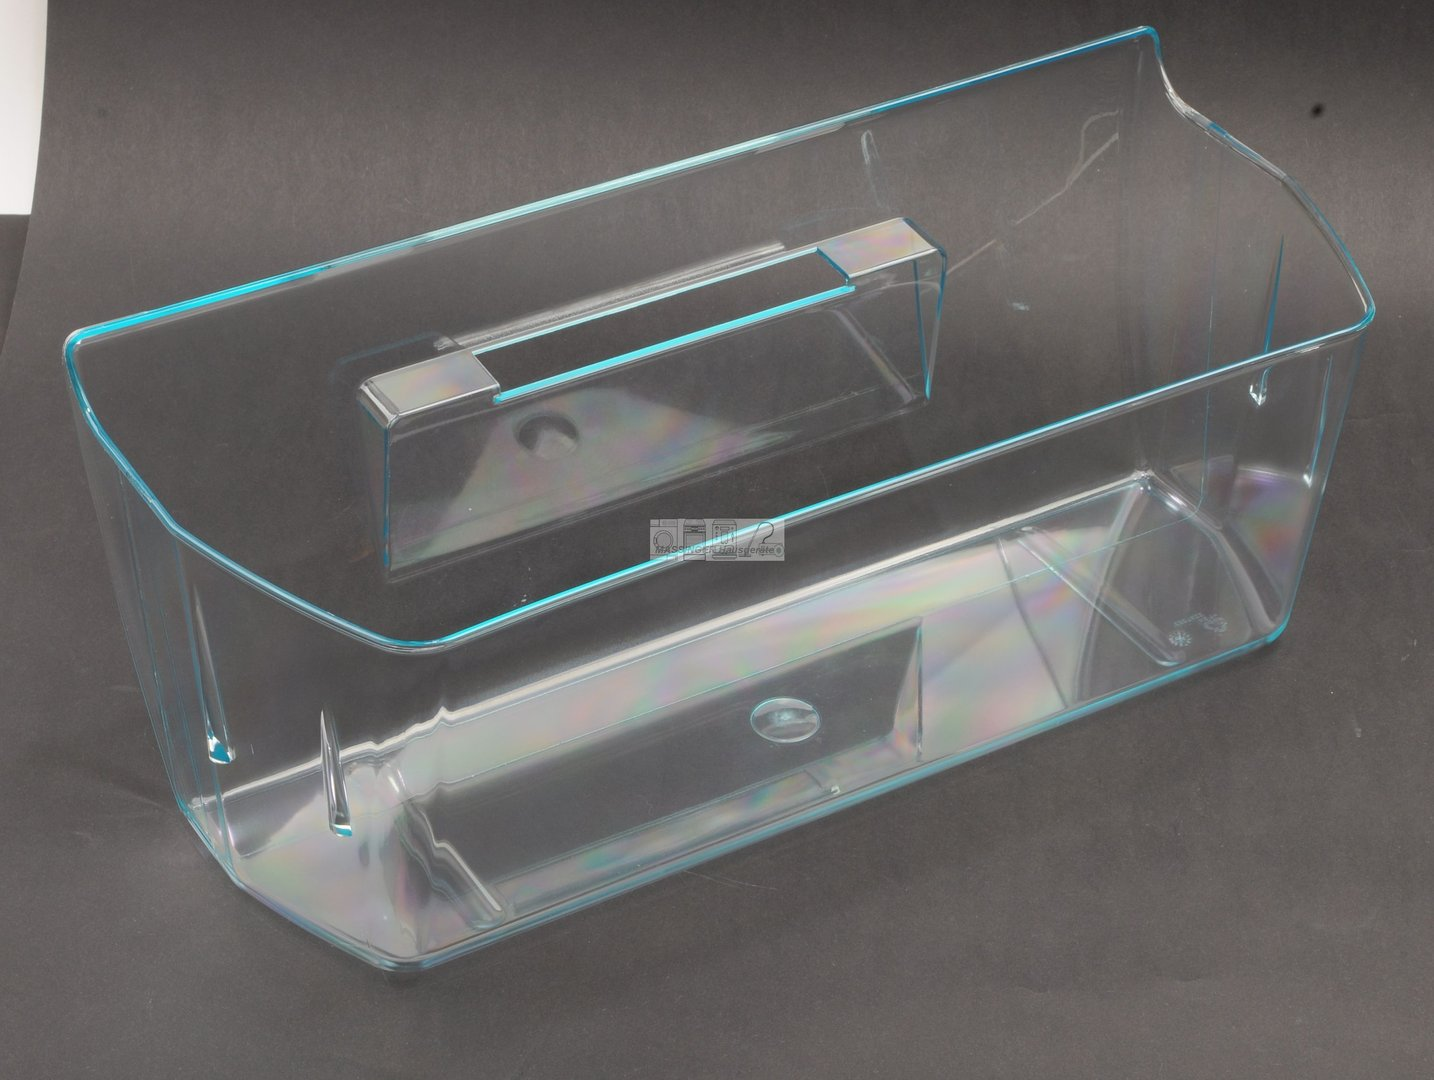 Siemens Kühlschrank Wasser Unter Gemüsefach : Aeg kühlschrank wasser unter gemüsefach: kühlschrank wasser unter